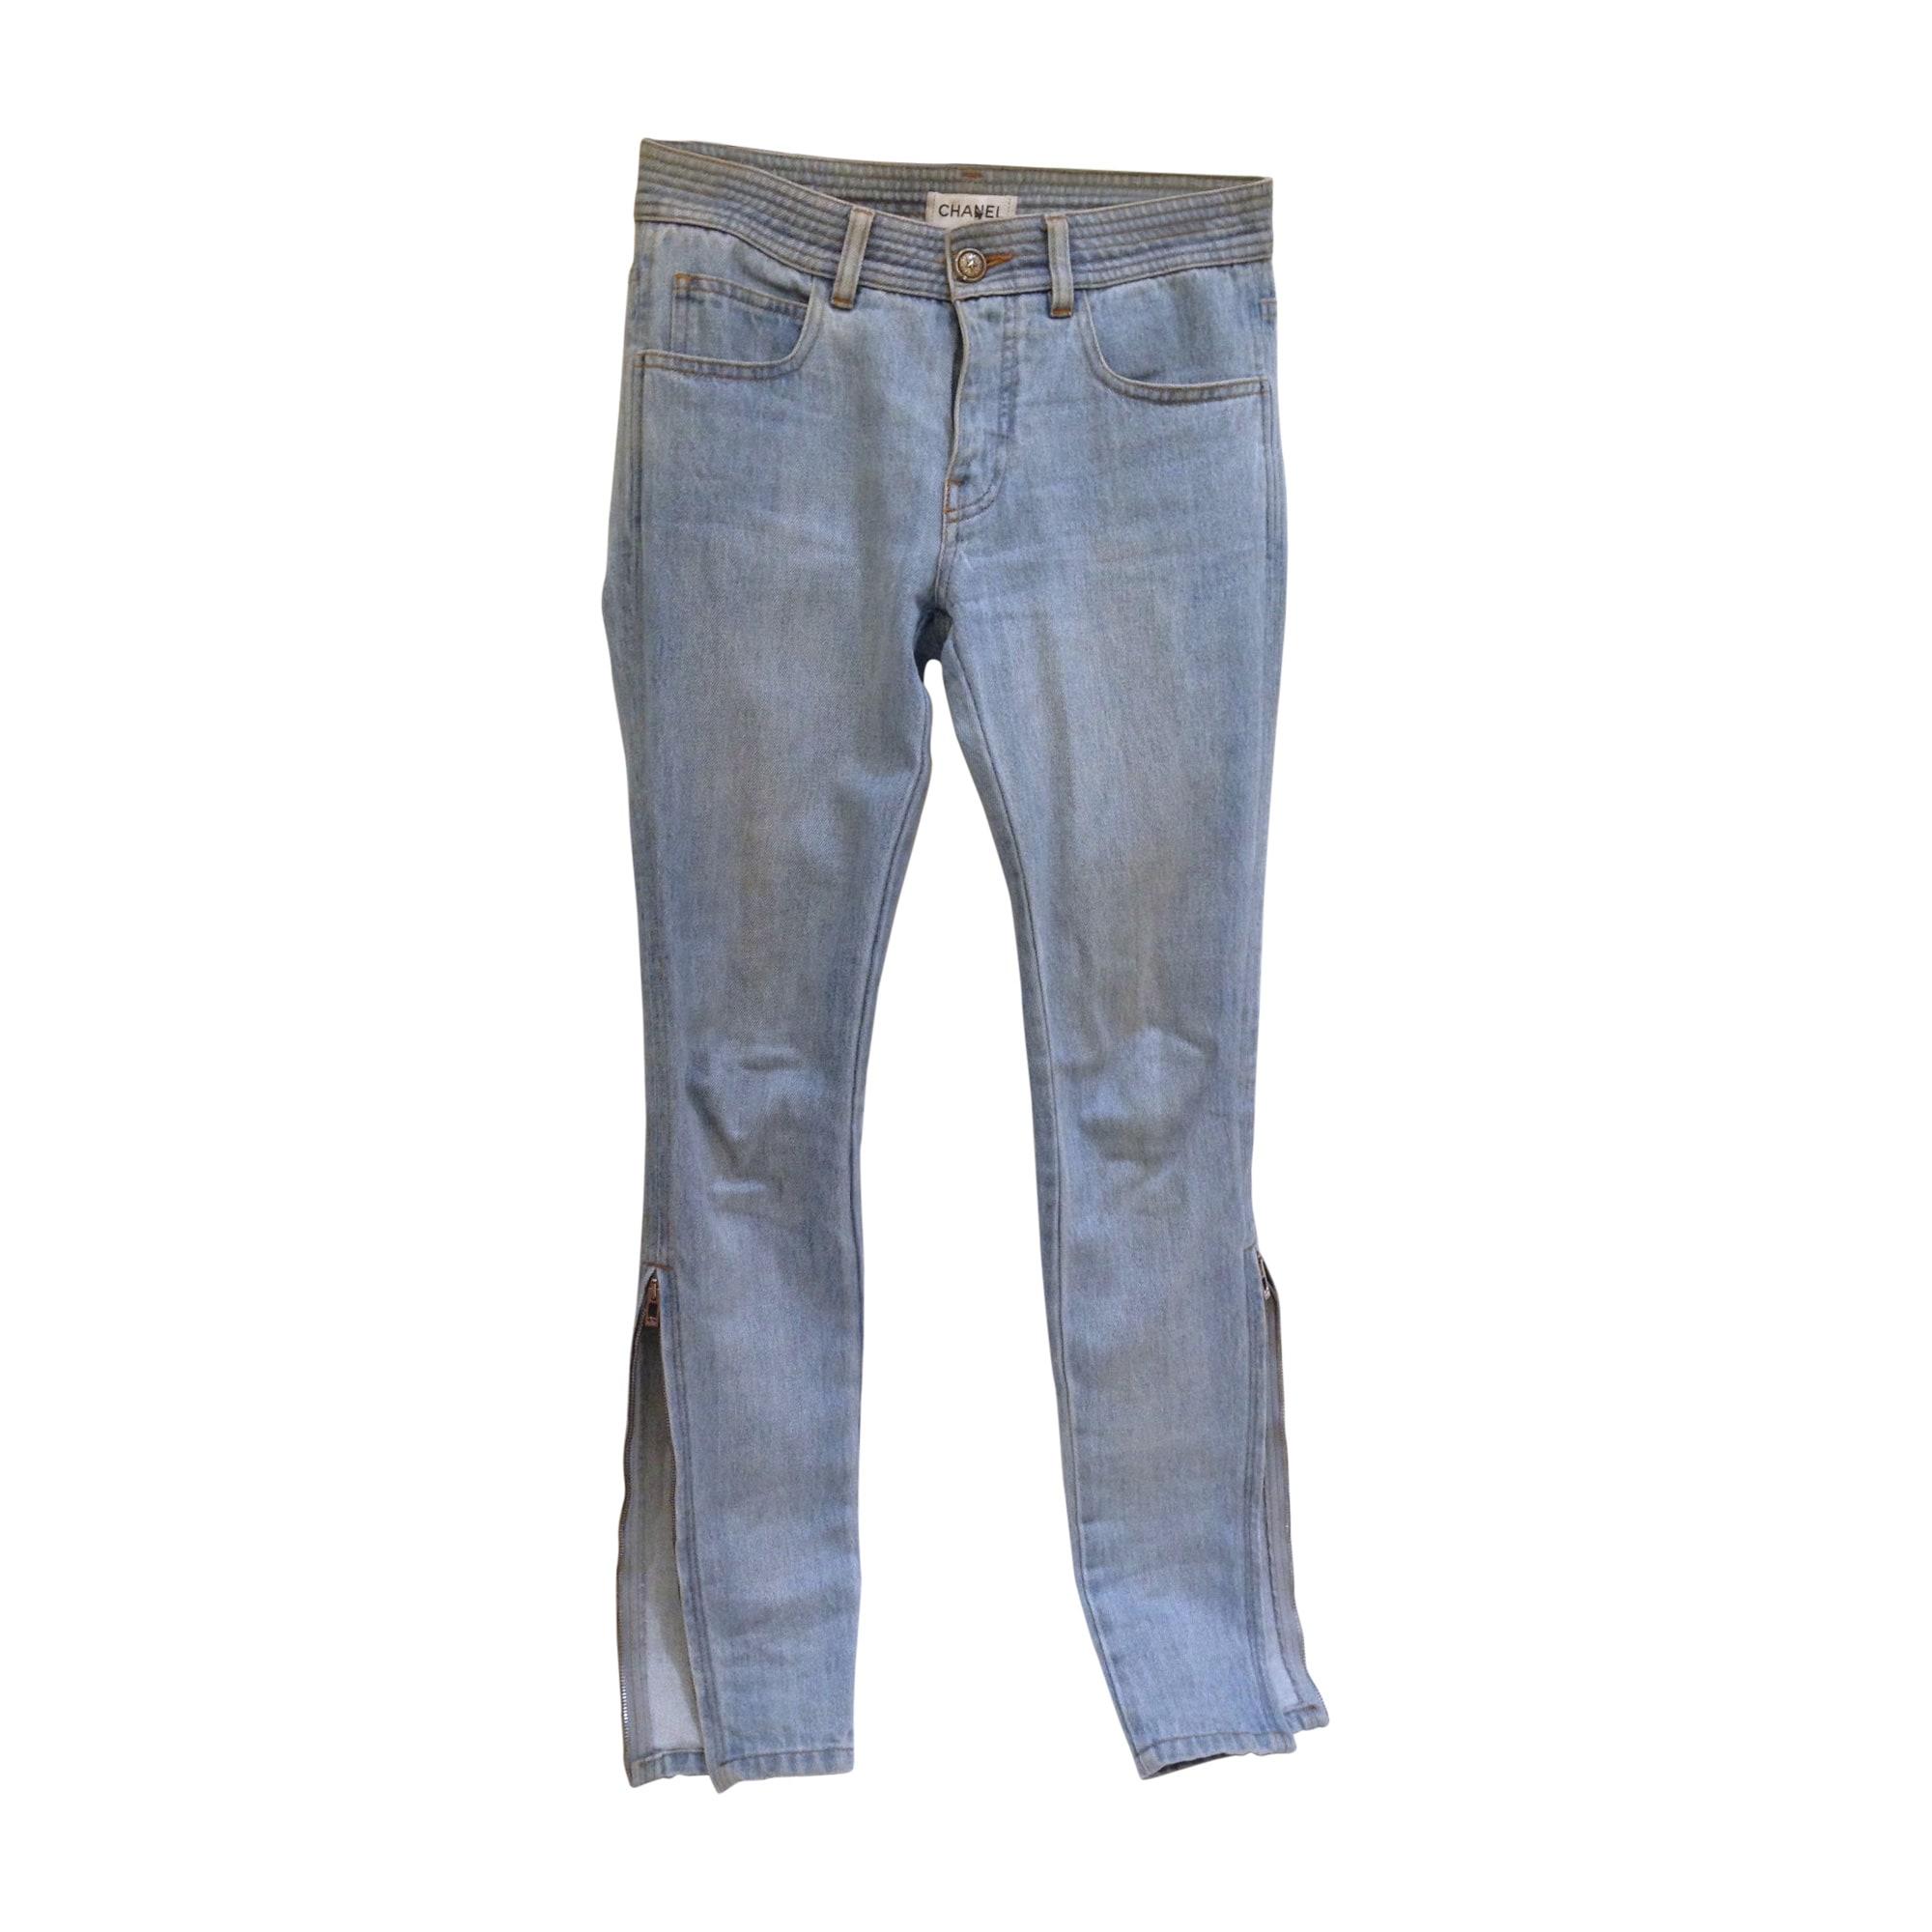 Jeans slim CHANEL Bianco, bianco sporco, ecru